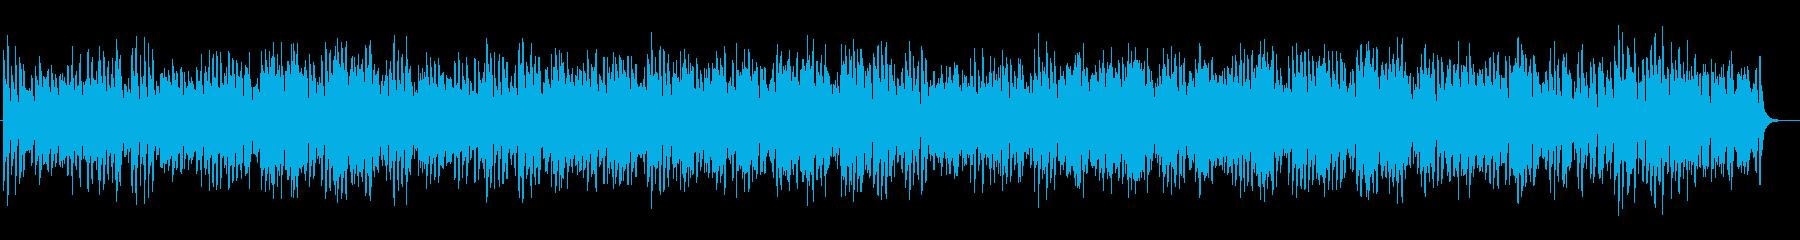 コメディーソロピアノラグ。昔のロン...の再生済みの波形